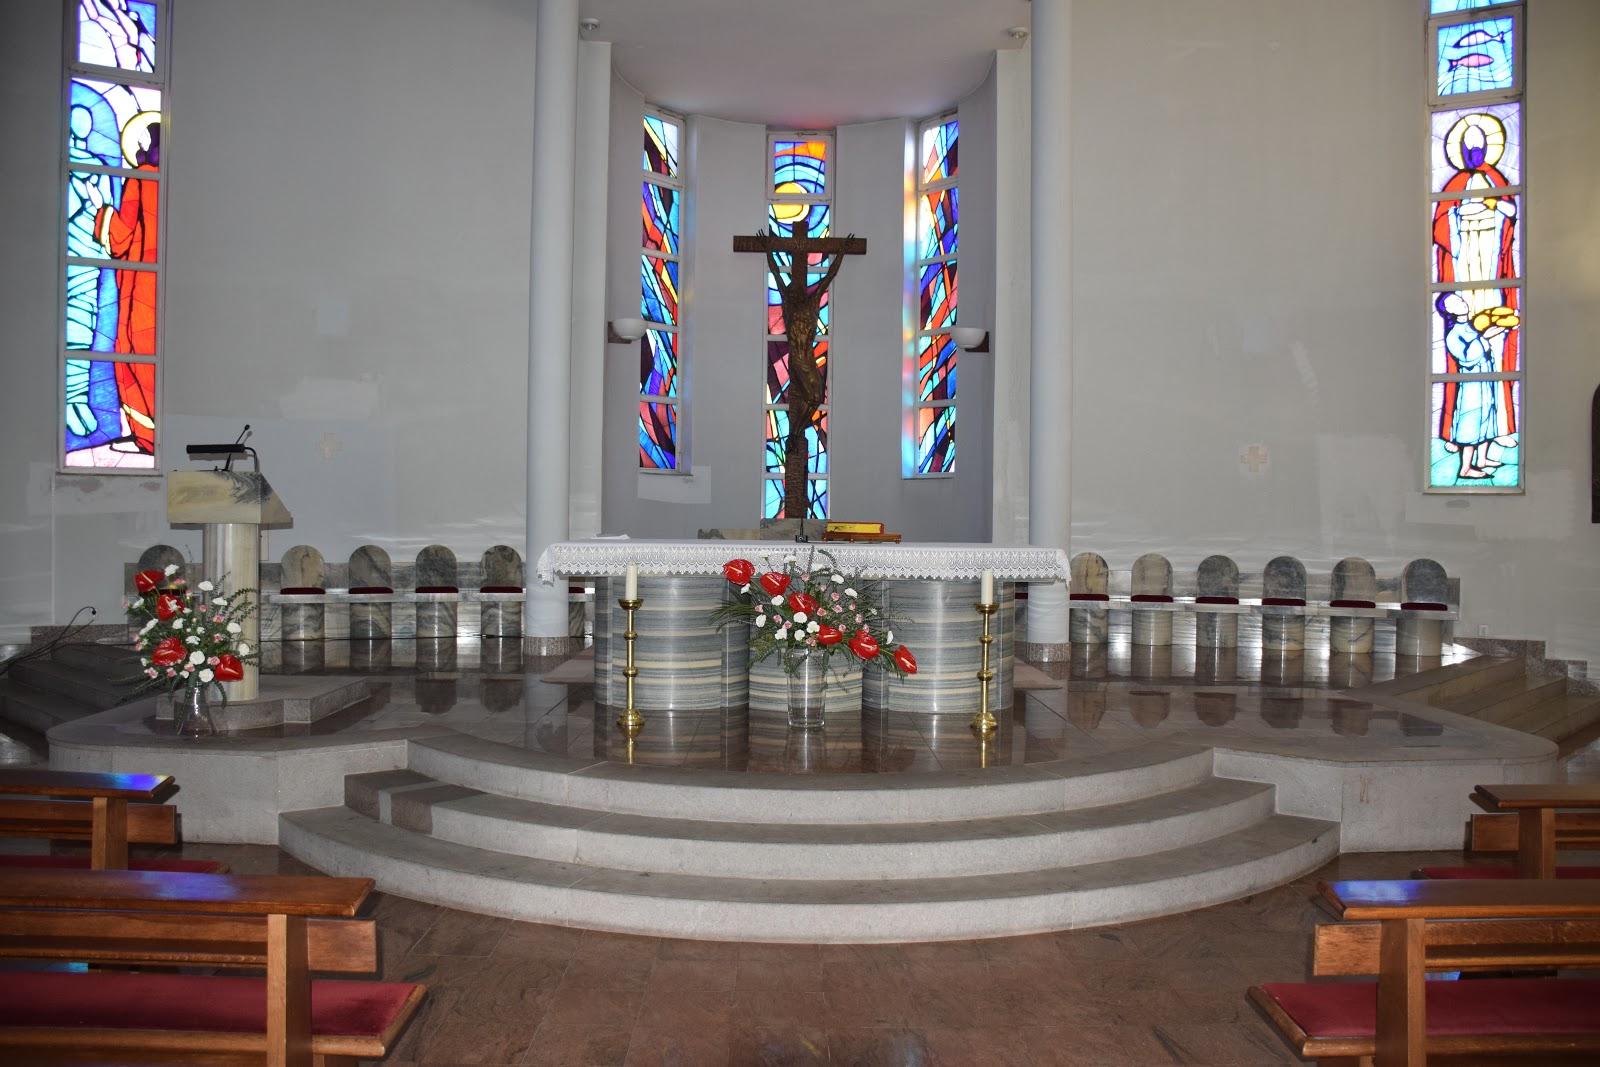 Raspored slavlja sakramenata euharistije i ispovijedi